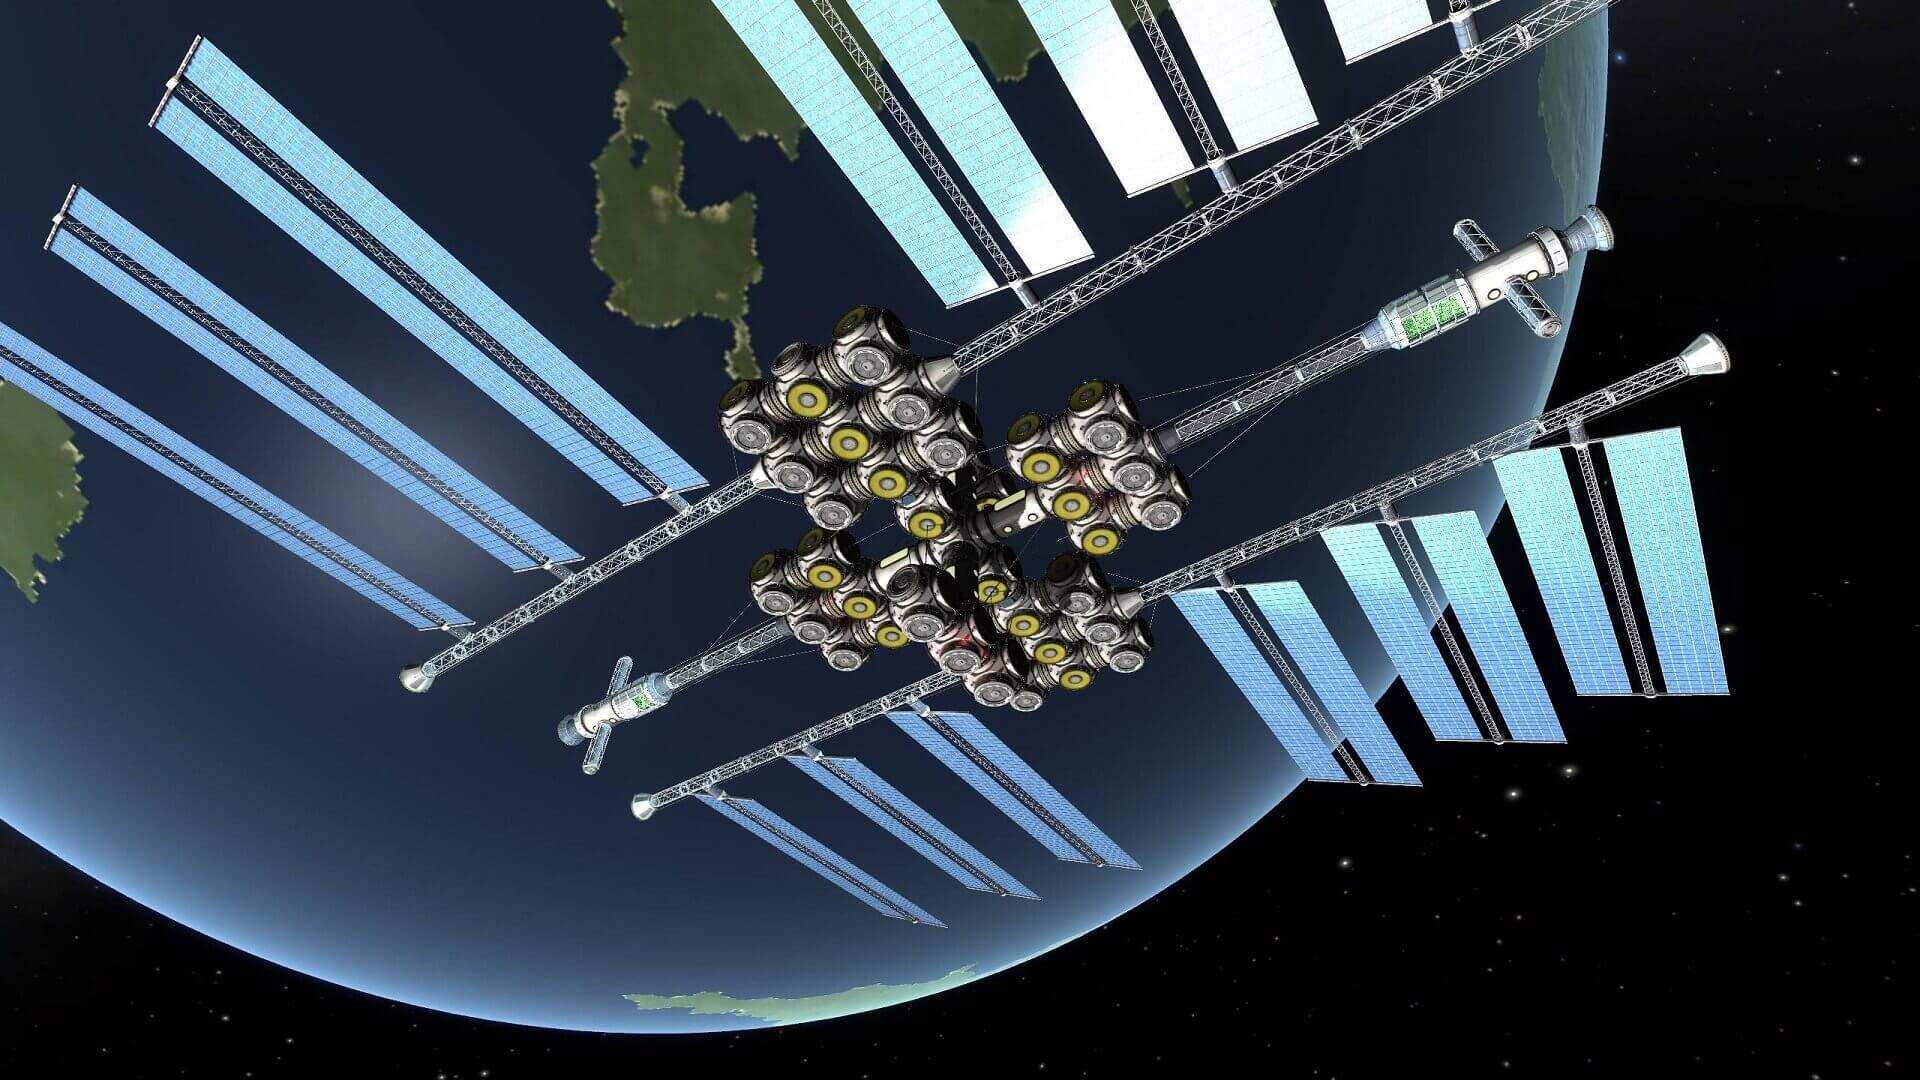 مزرعه خورشیدی در فضا